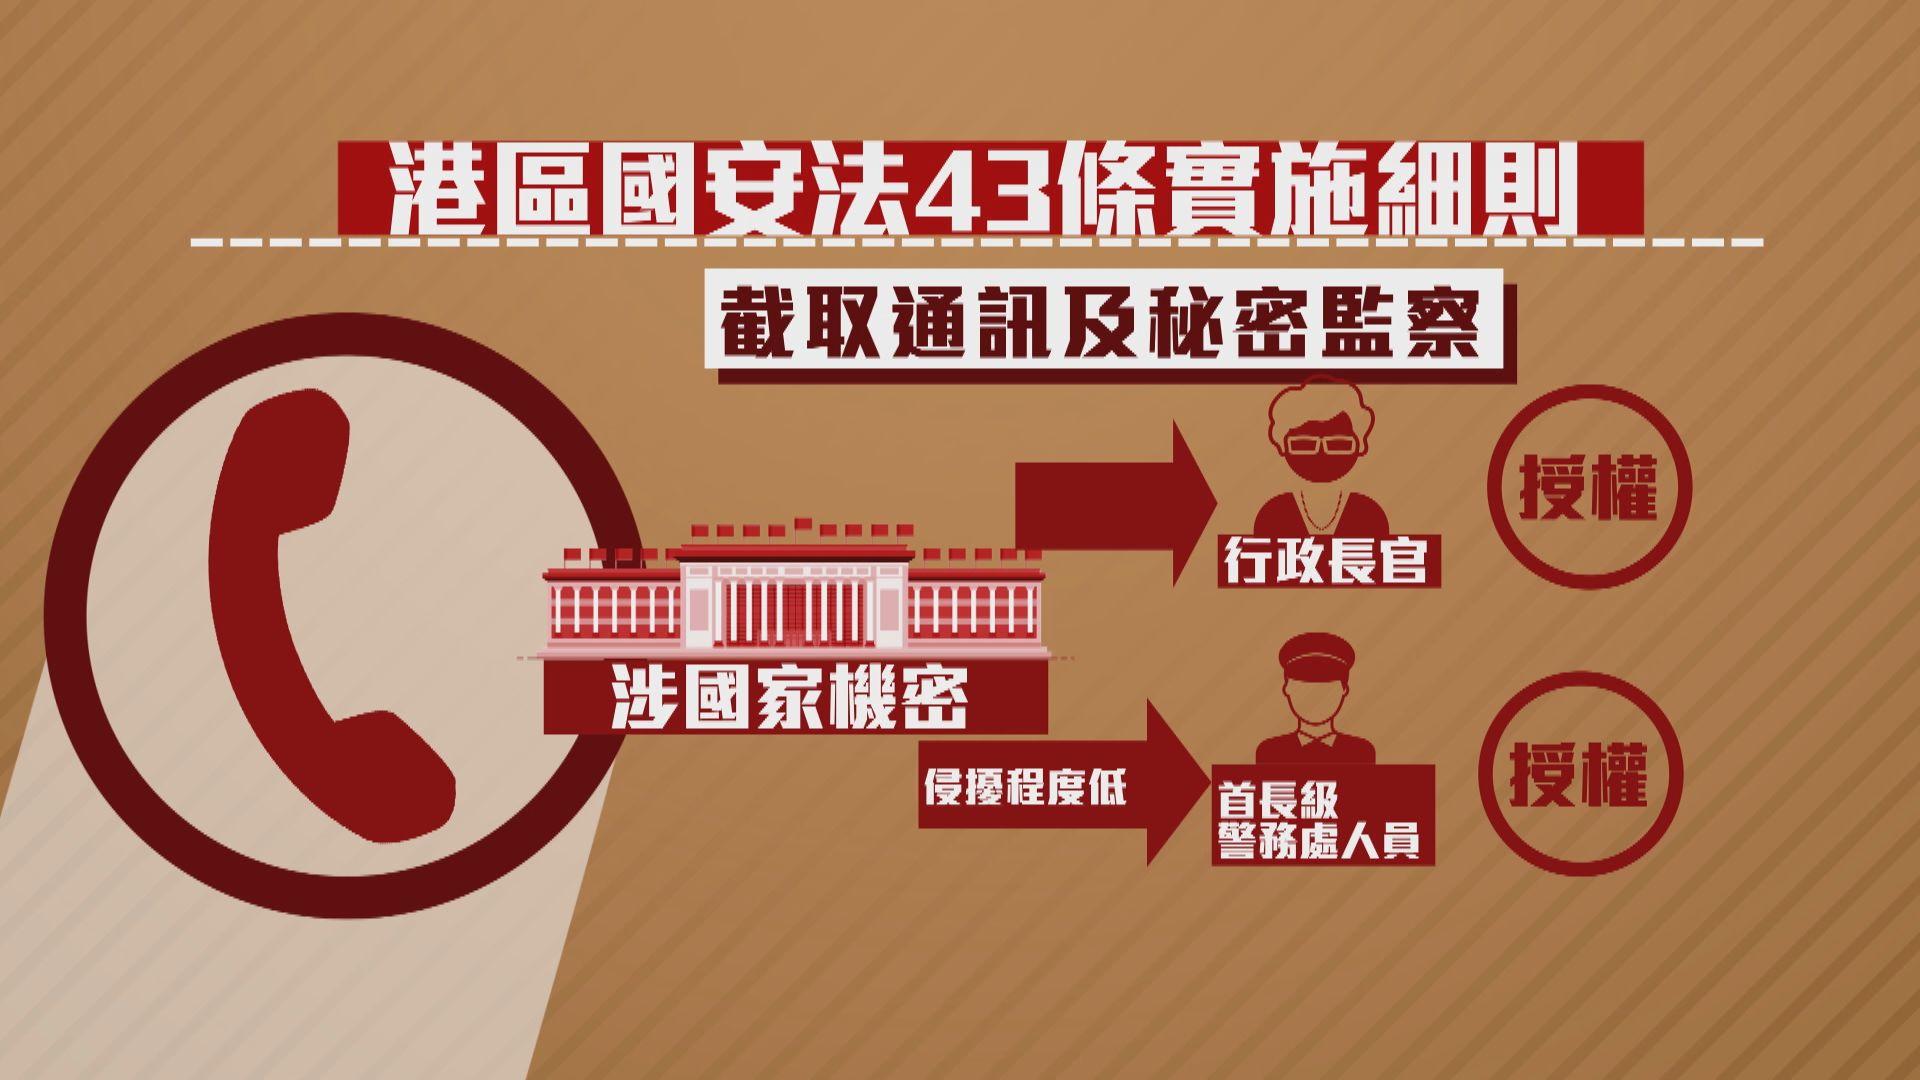 【透析國安法】第43條實施細則─截取通訊